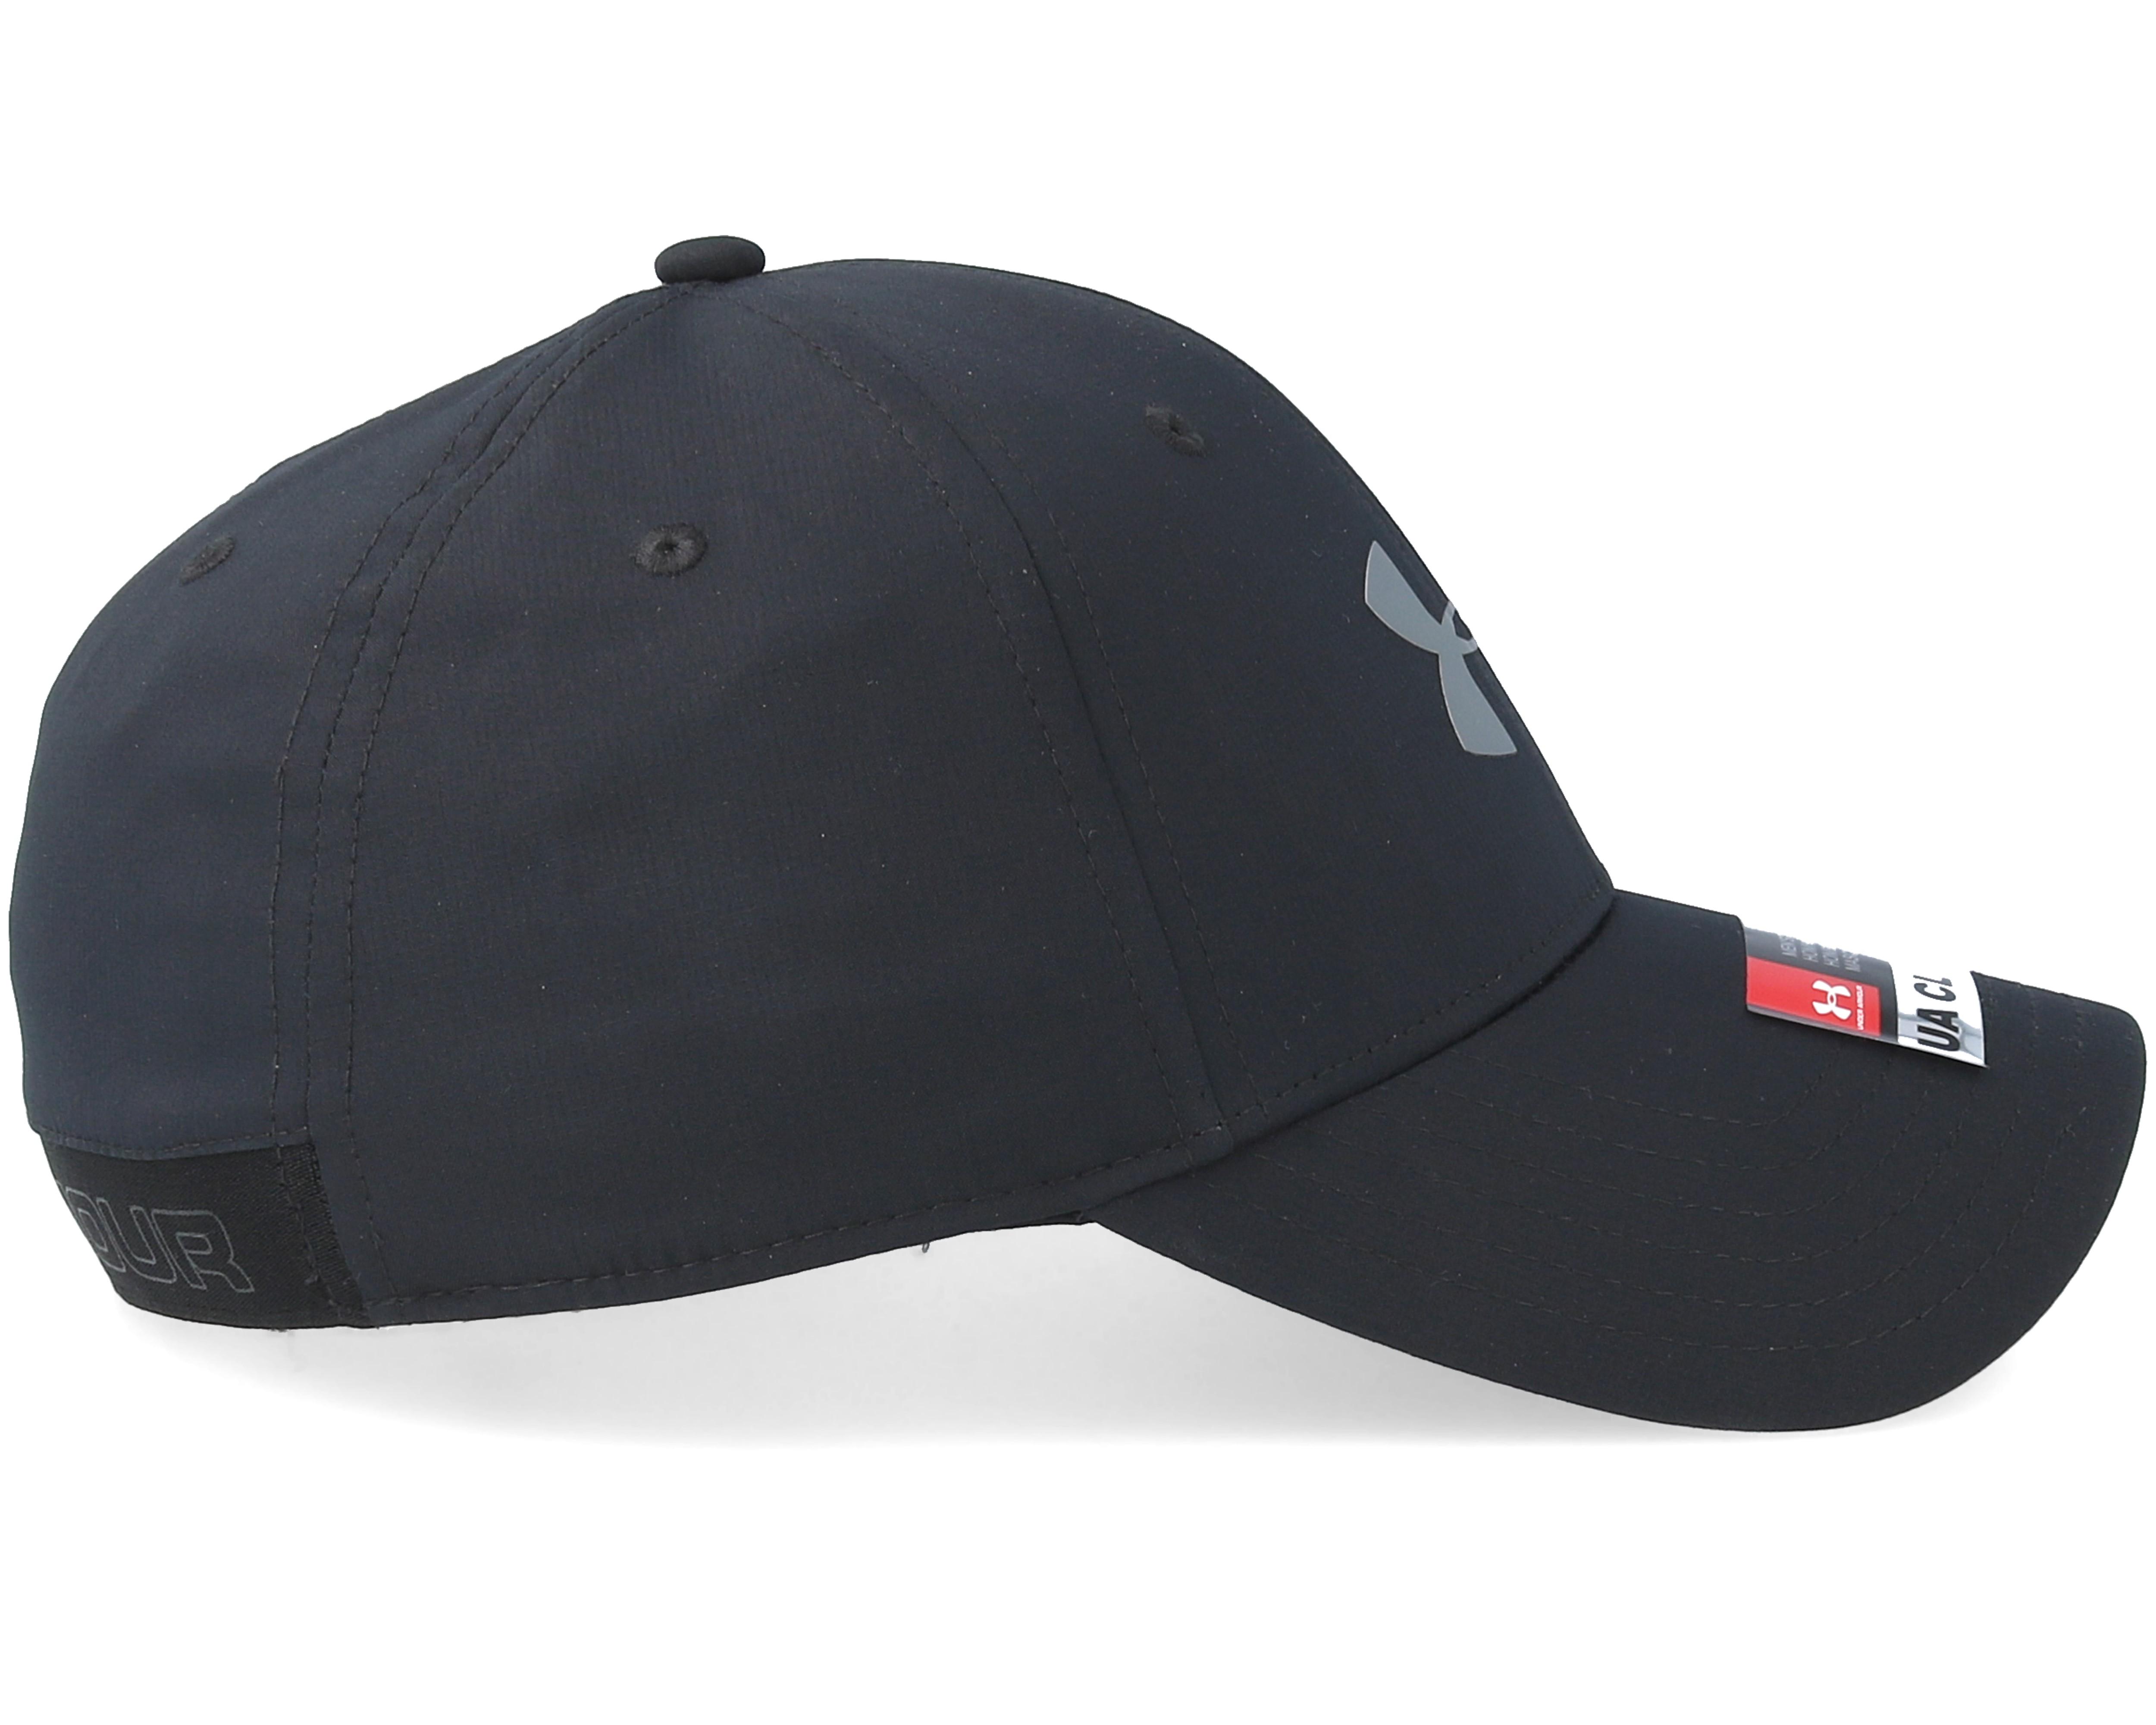 Storm Headline Black Flexfit Under Armor Caps Hatstore